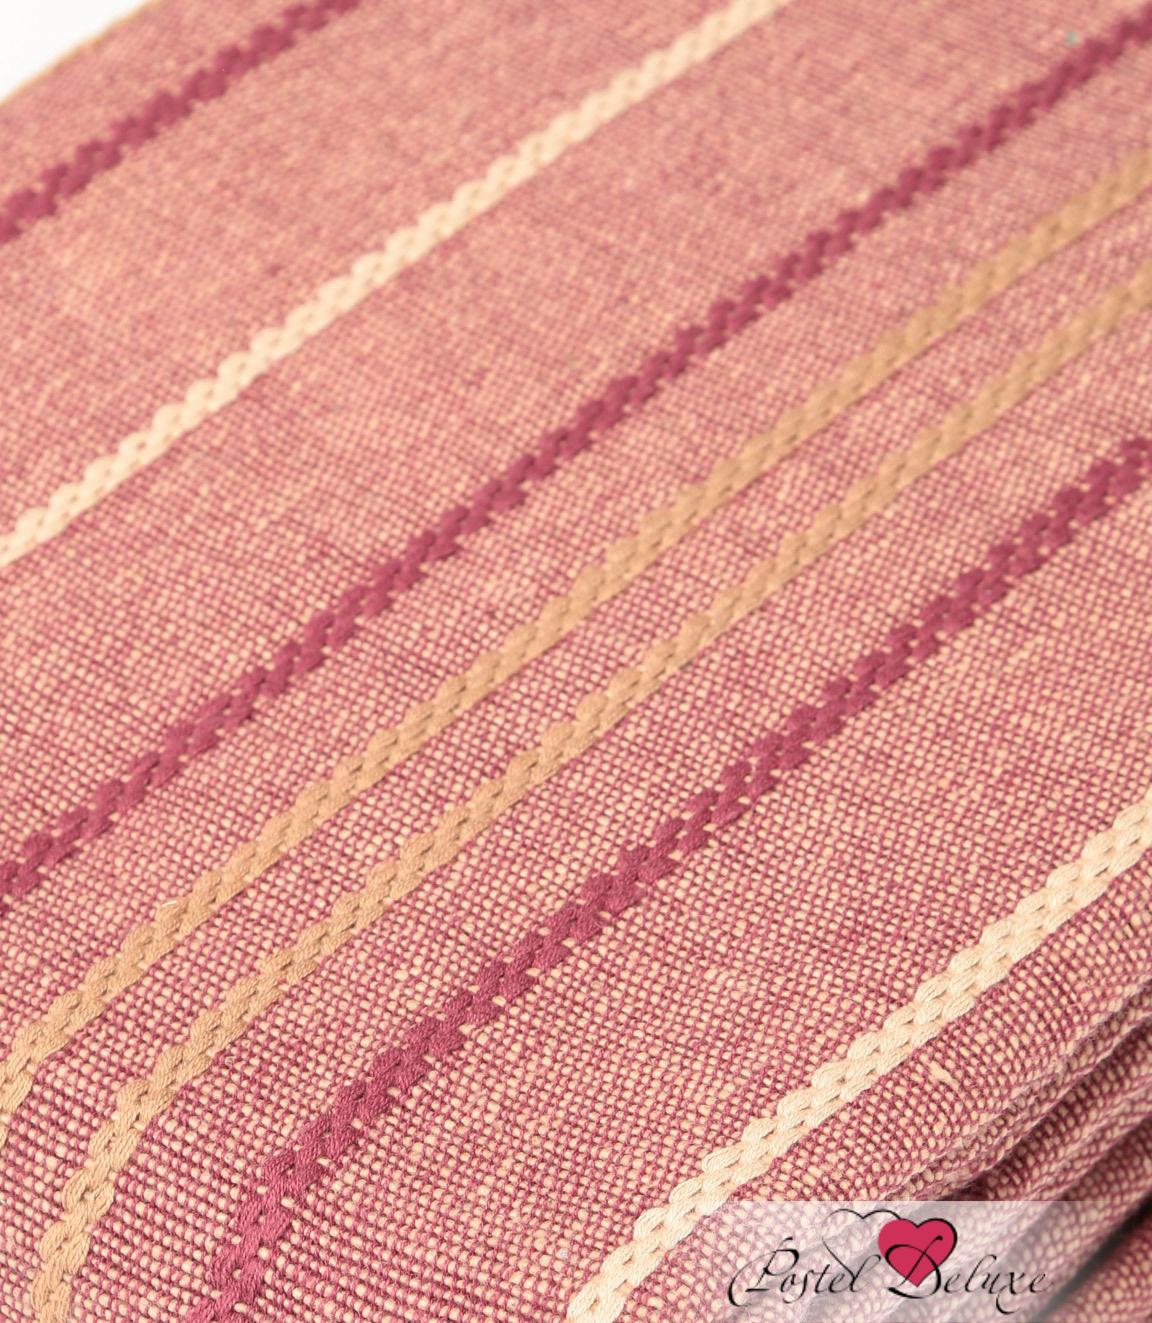 Покрывало Arloni Покрывало Стокгольм Цвет: Бордовый (200х240 см) покрывало arloni пасифик цвет бисквит 200 х 240 см